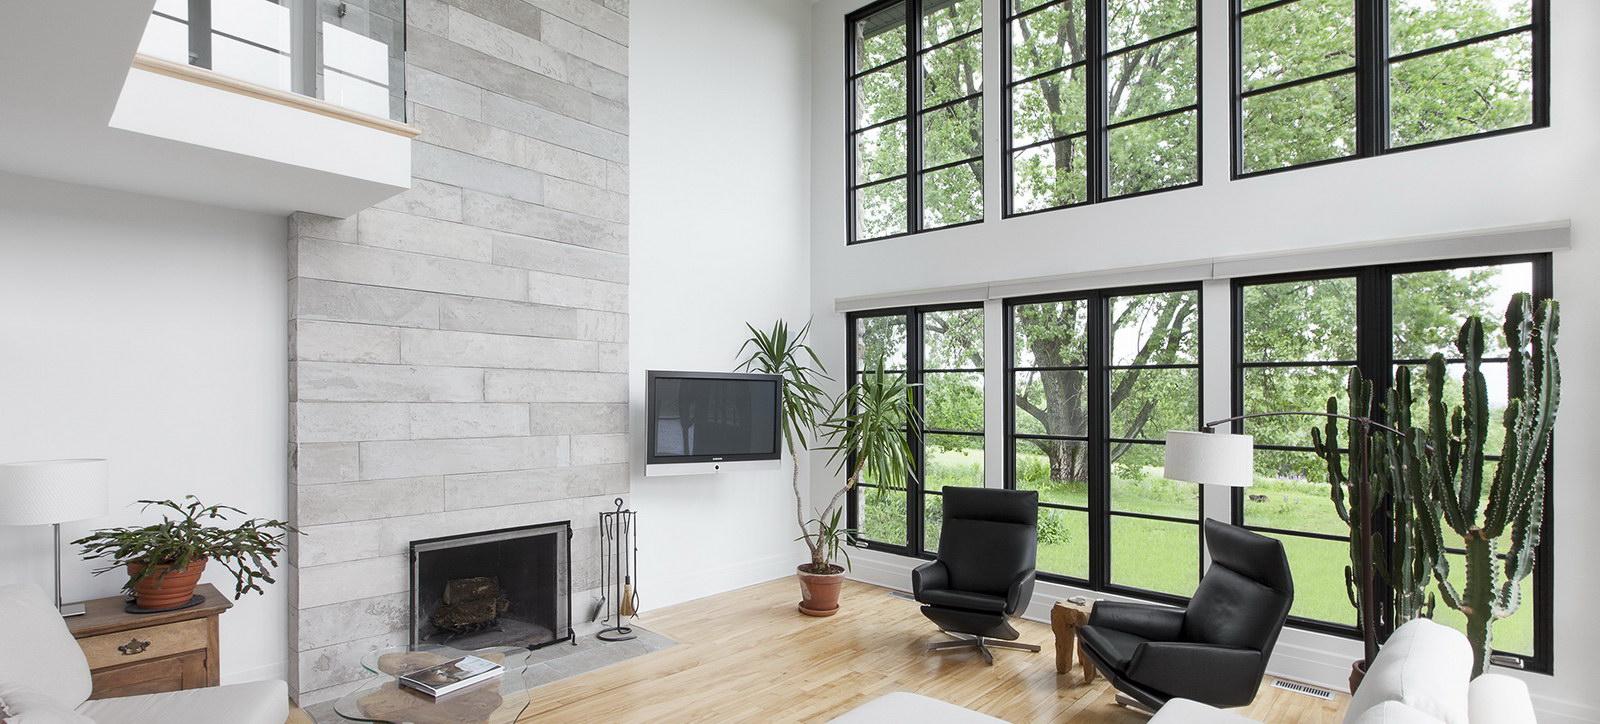 silex element panneaux d coratifs innovants en b ton et en m tal. Black Bedroom Furniture Sets. Home Design Ideas